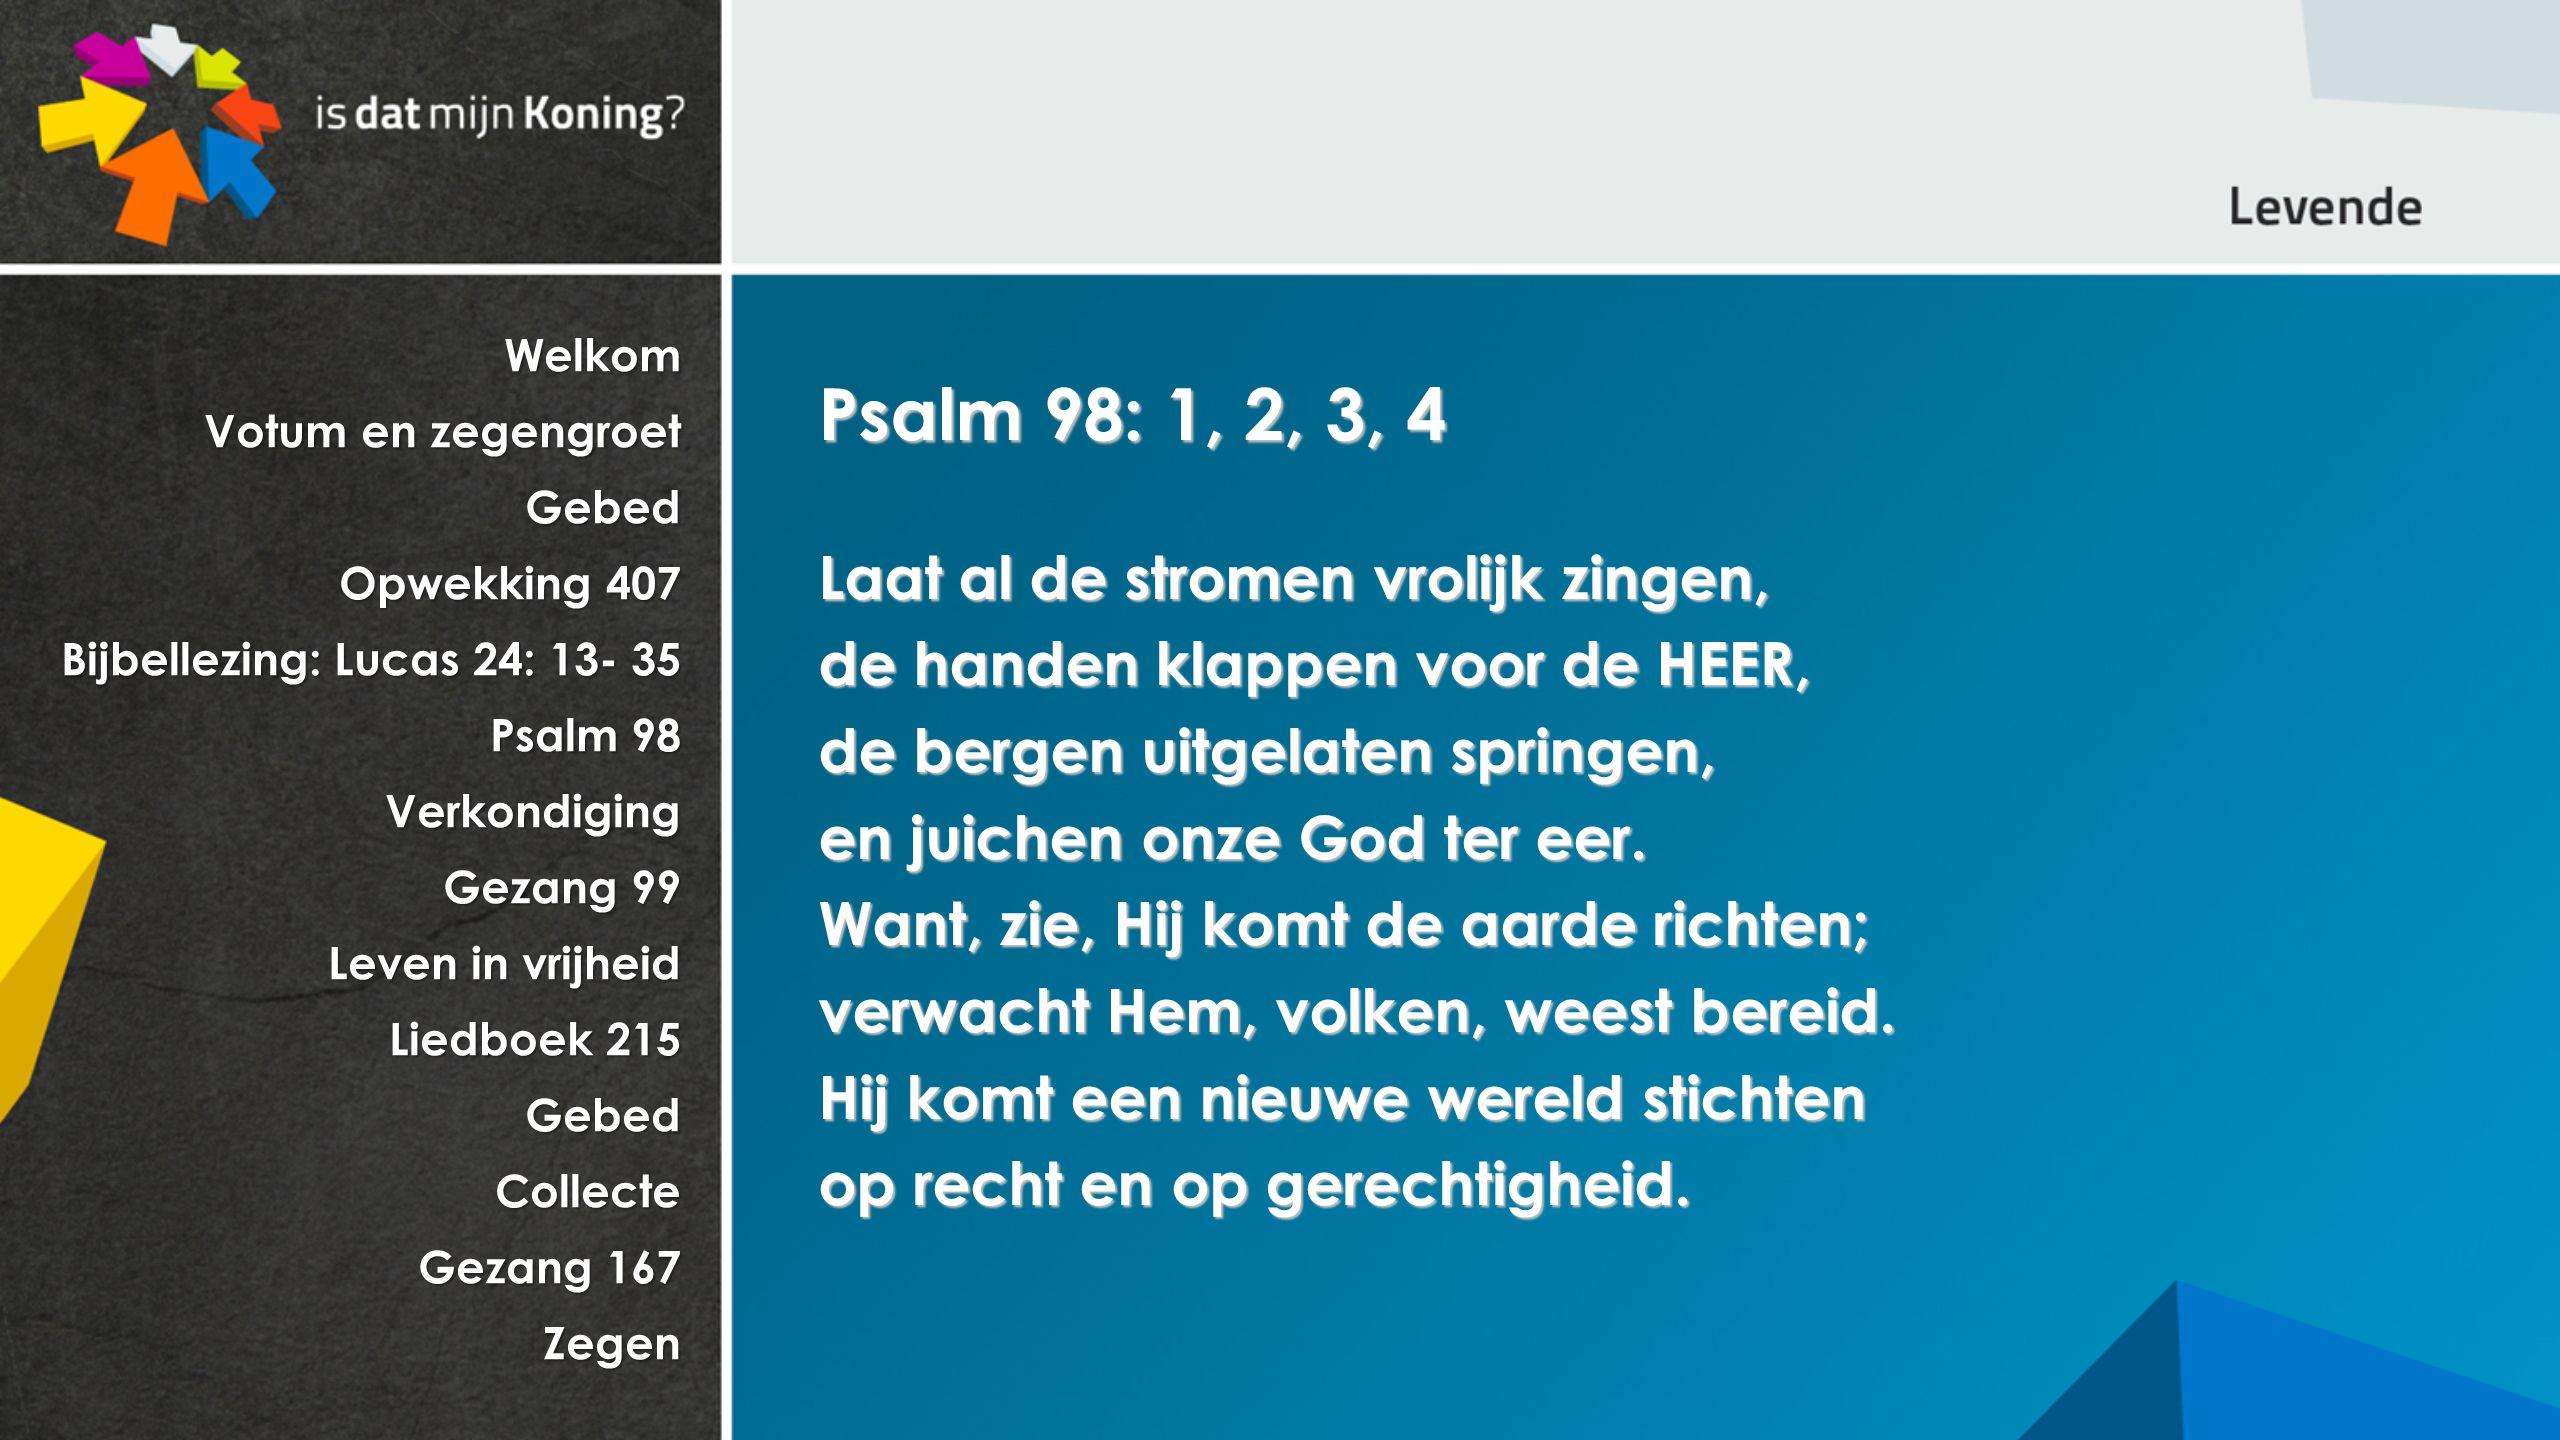 Psalm 98: 1, 2, 3, 4 Laat al de stromen vrolijk zingen,